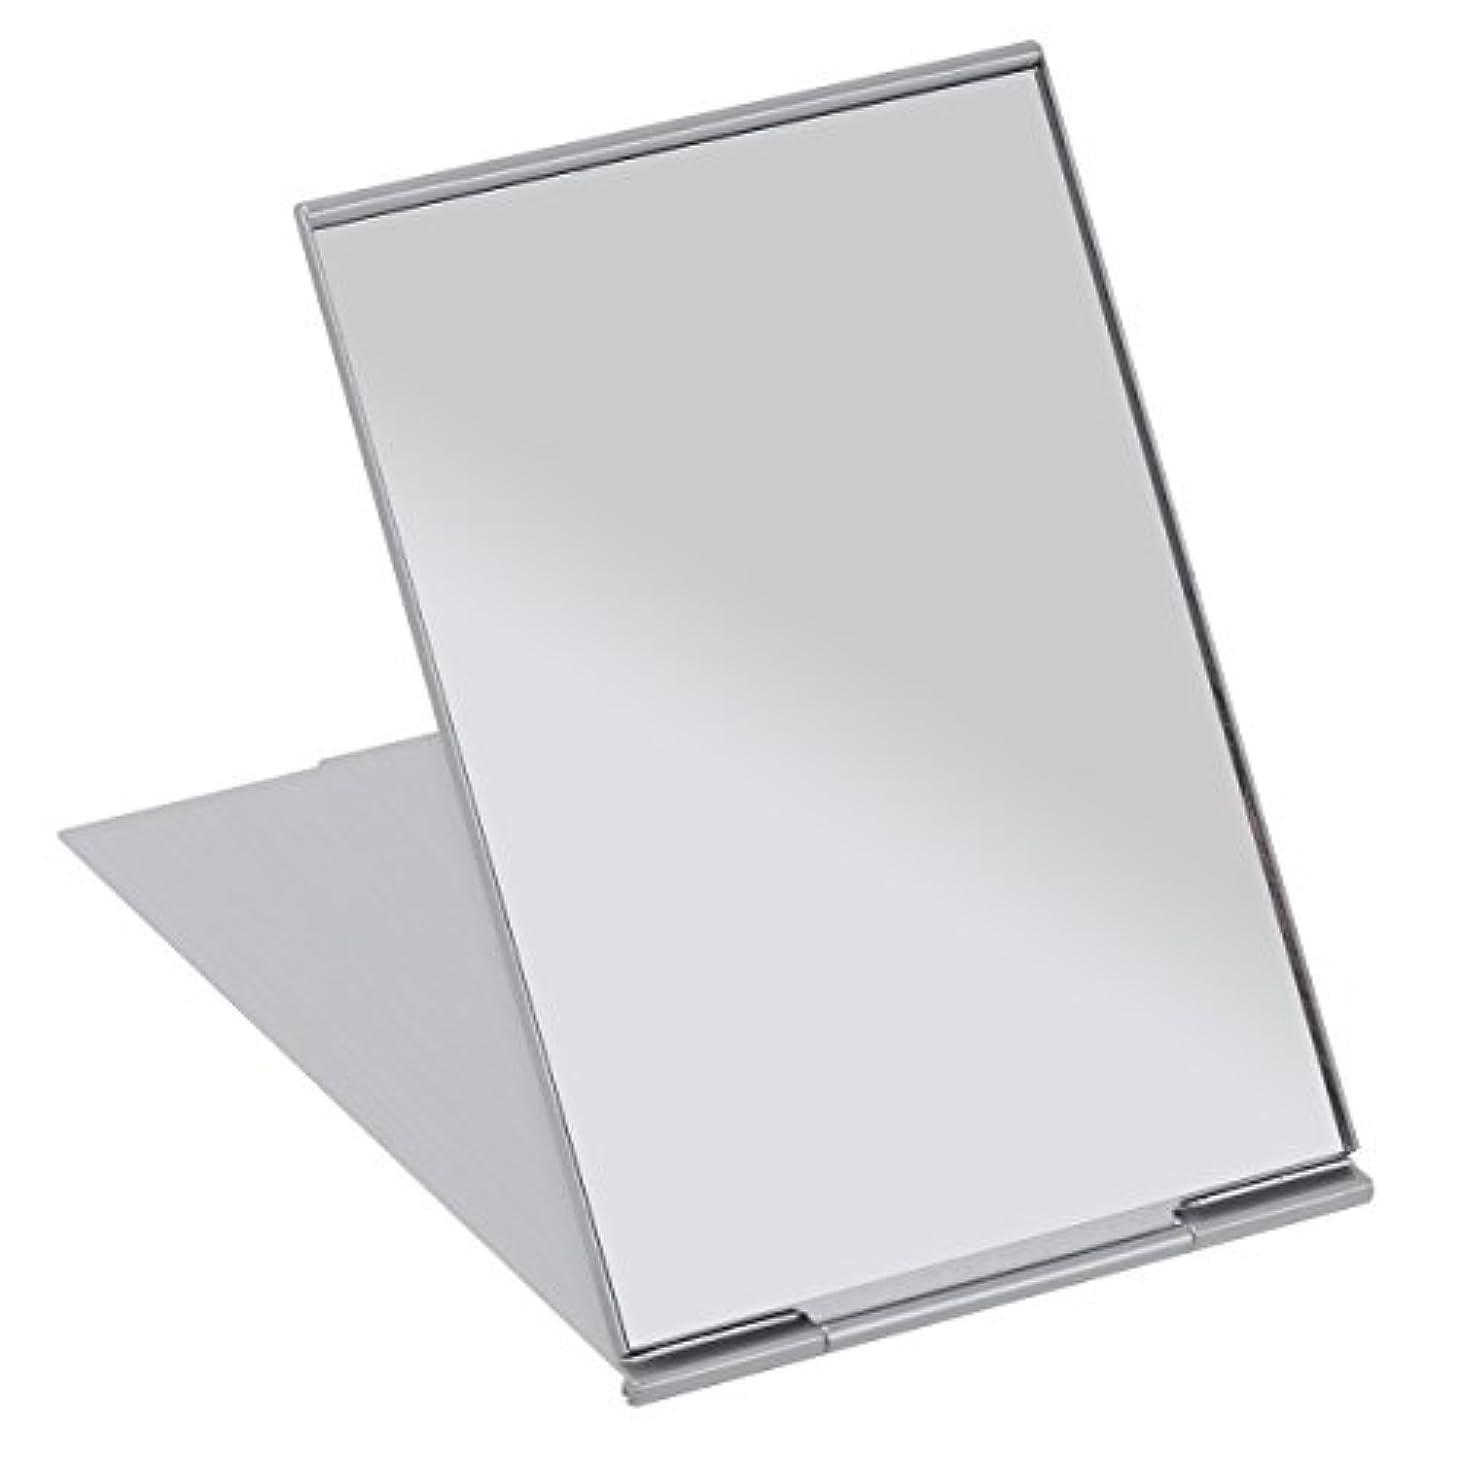 FRCOLOR 化粧鏡 携帯ミラー 折りたたみミラー 化粧ミラー コンパクトミラー 11.5*8cm 持ち運びに便利 (シルバー)